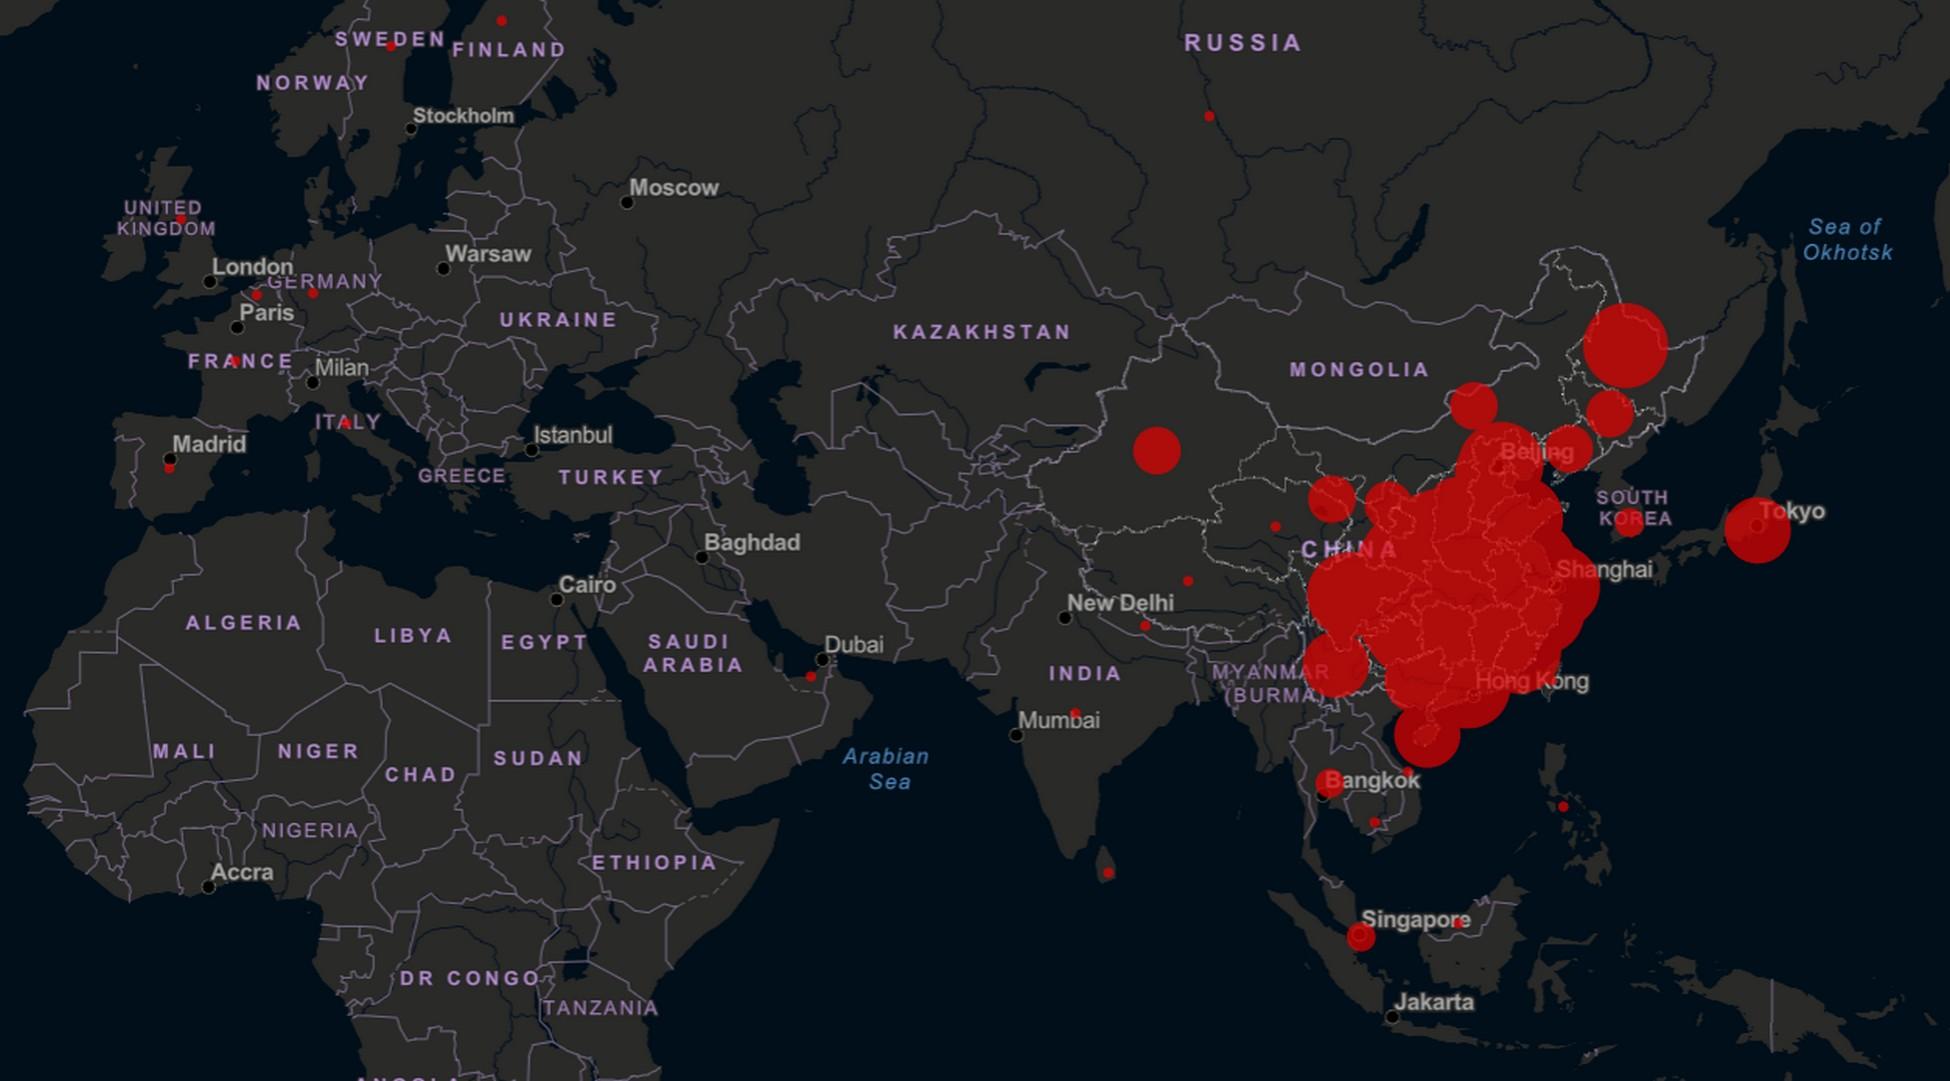 Coronavirus, Chine change de méthode de diagnostic: 242 victimes en 24 heures. L'Italien de 17 ans coincé à Wuhan revient samedi